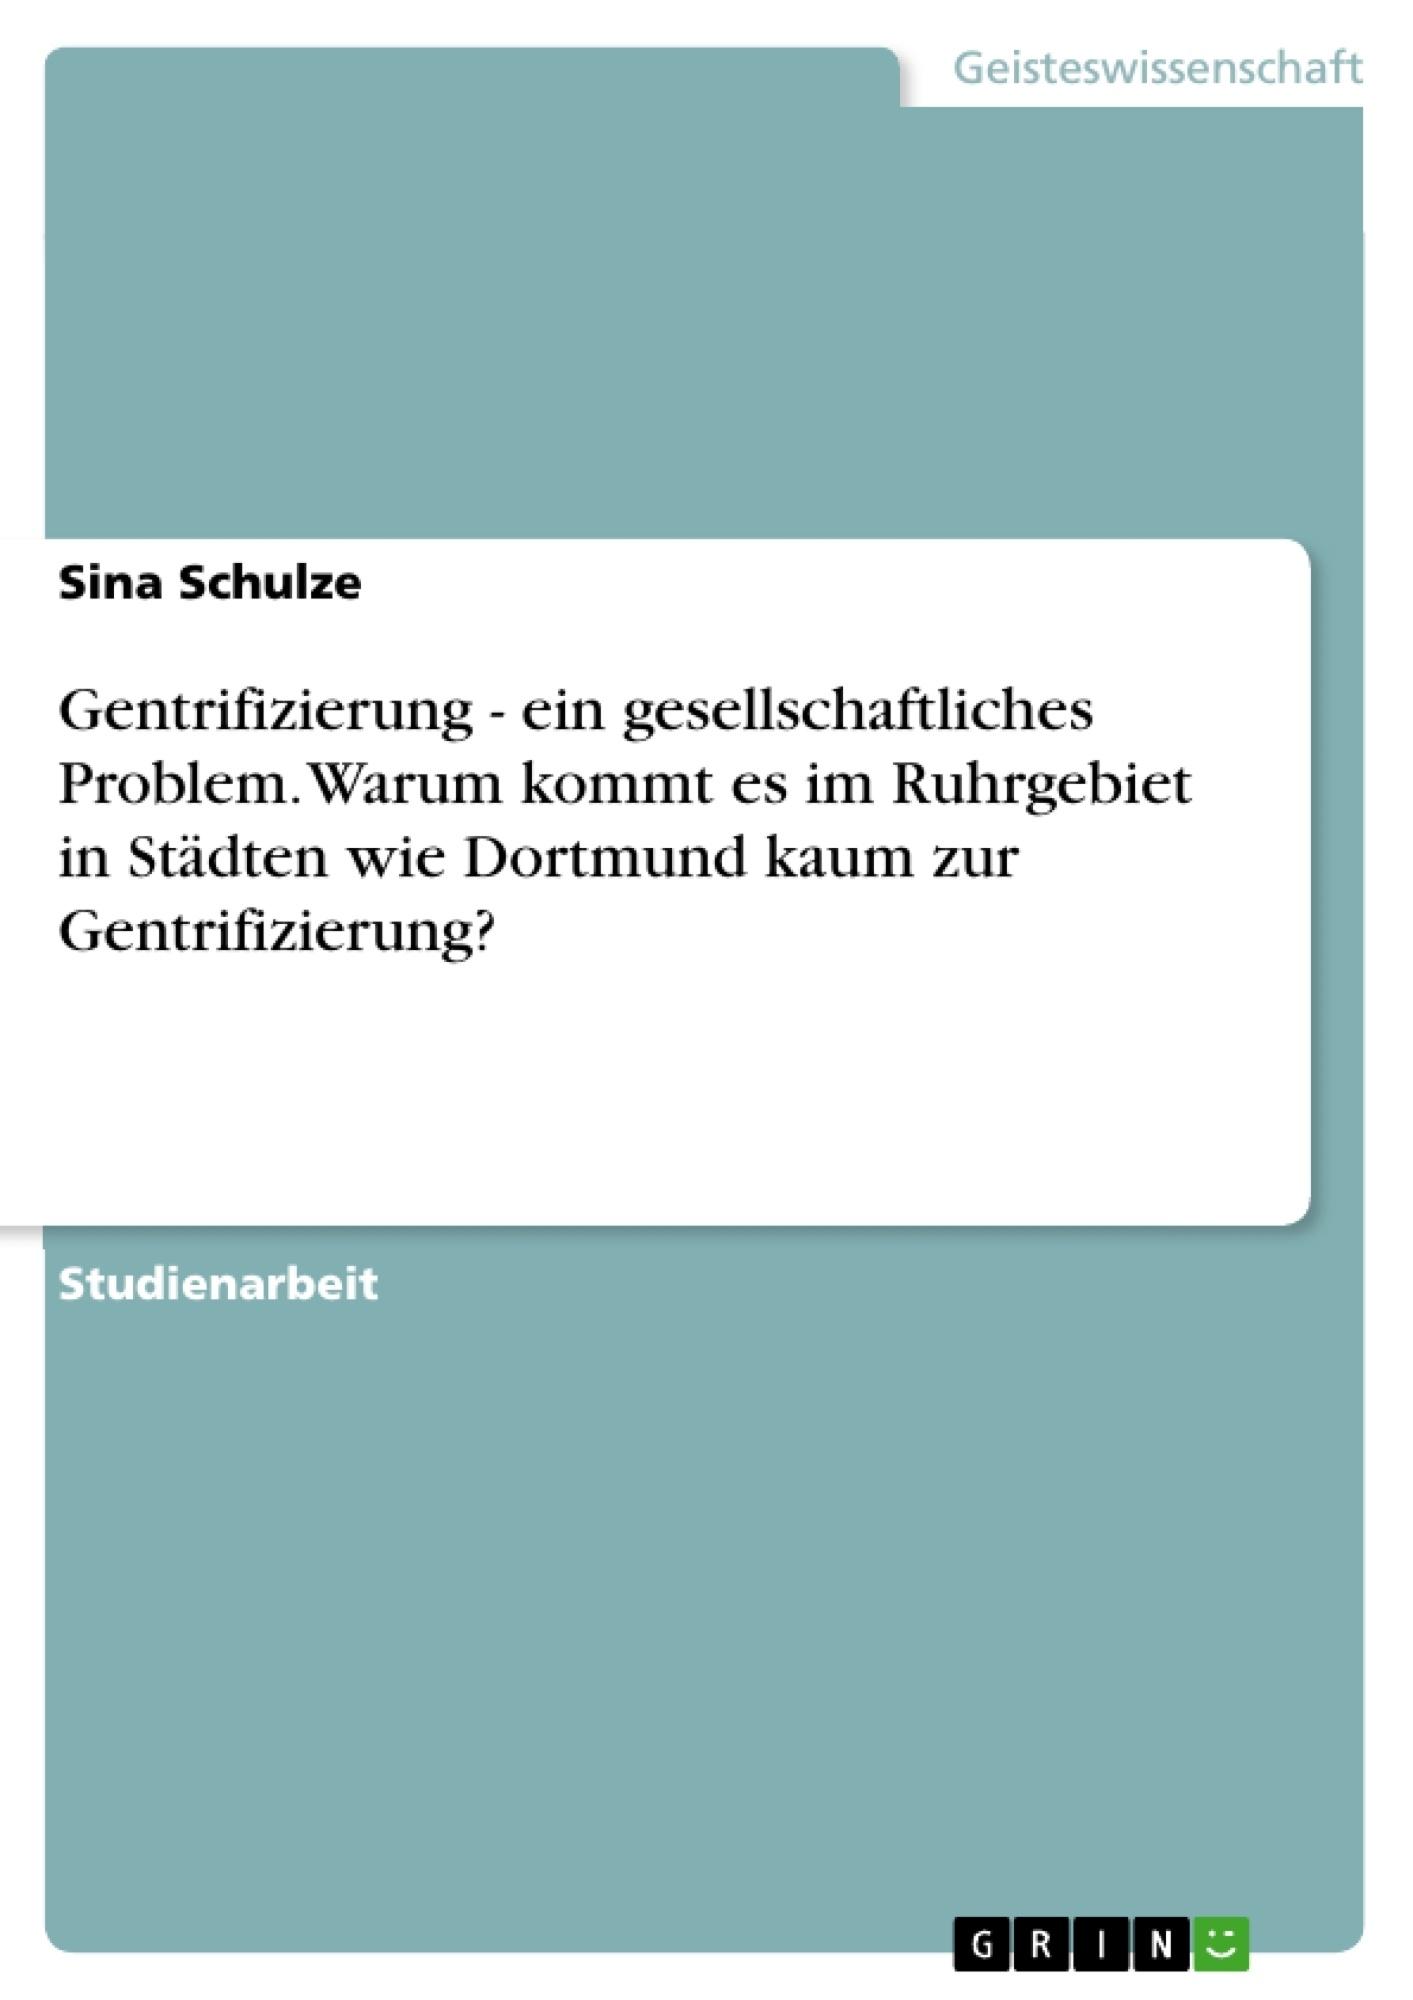 Titel: Gentrifizierung - ein gesellschaftliches Problem. Warum kommt es im  Ruhrgebiet in Städten wie Dortmund  kaum zur Gentrifizierung?